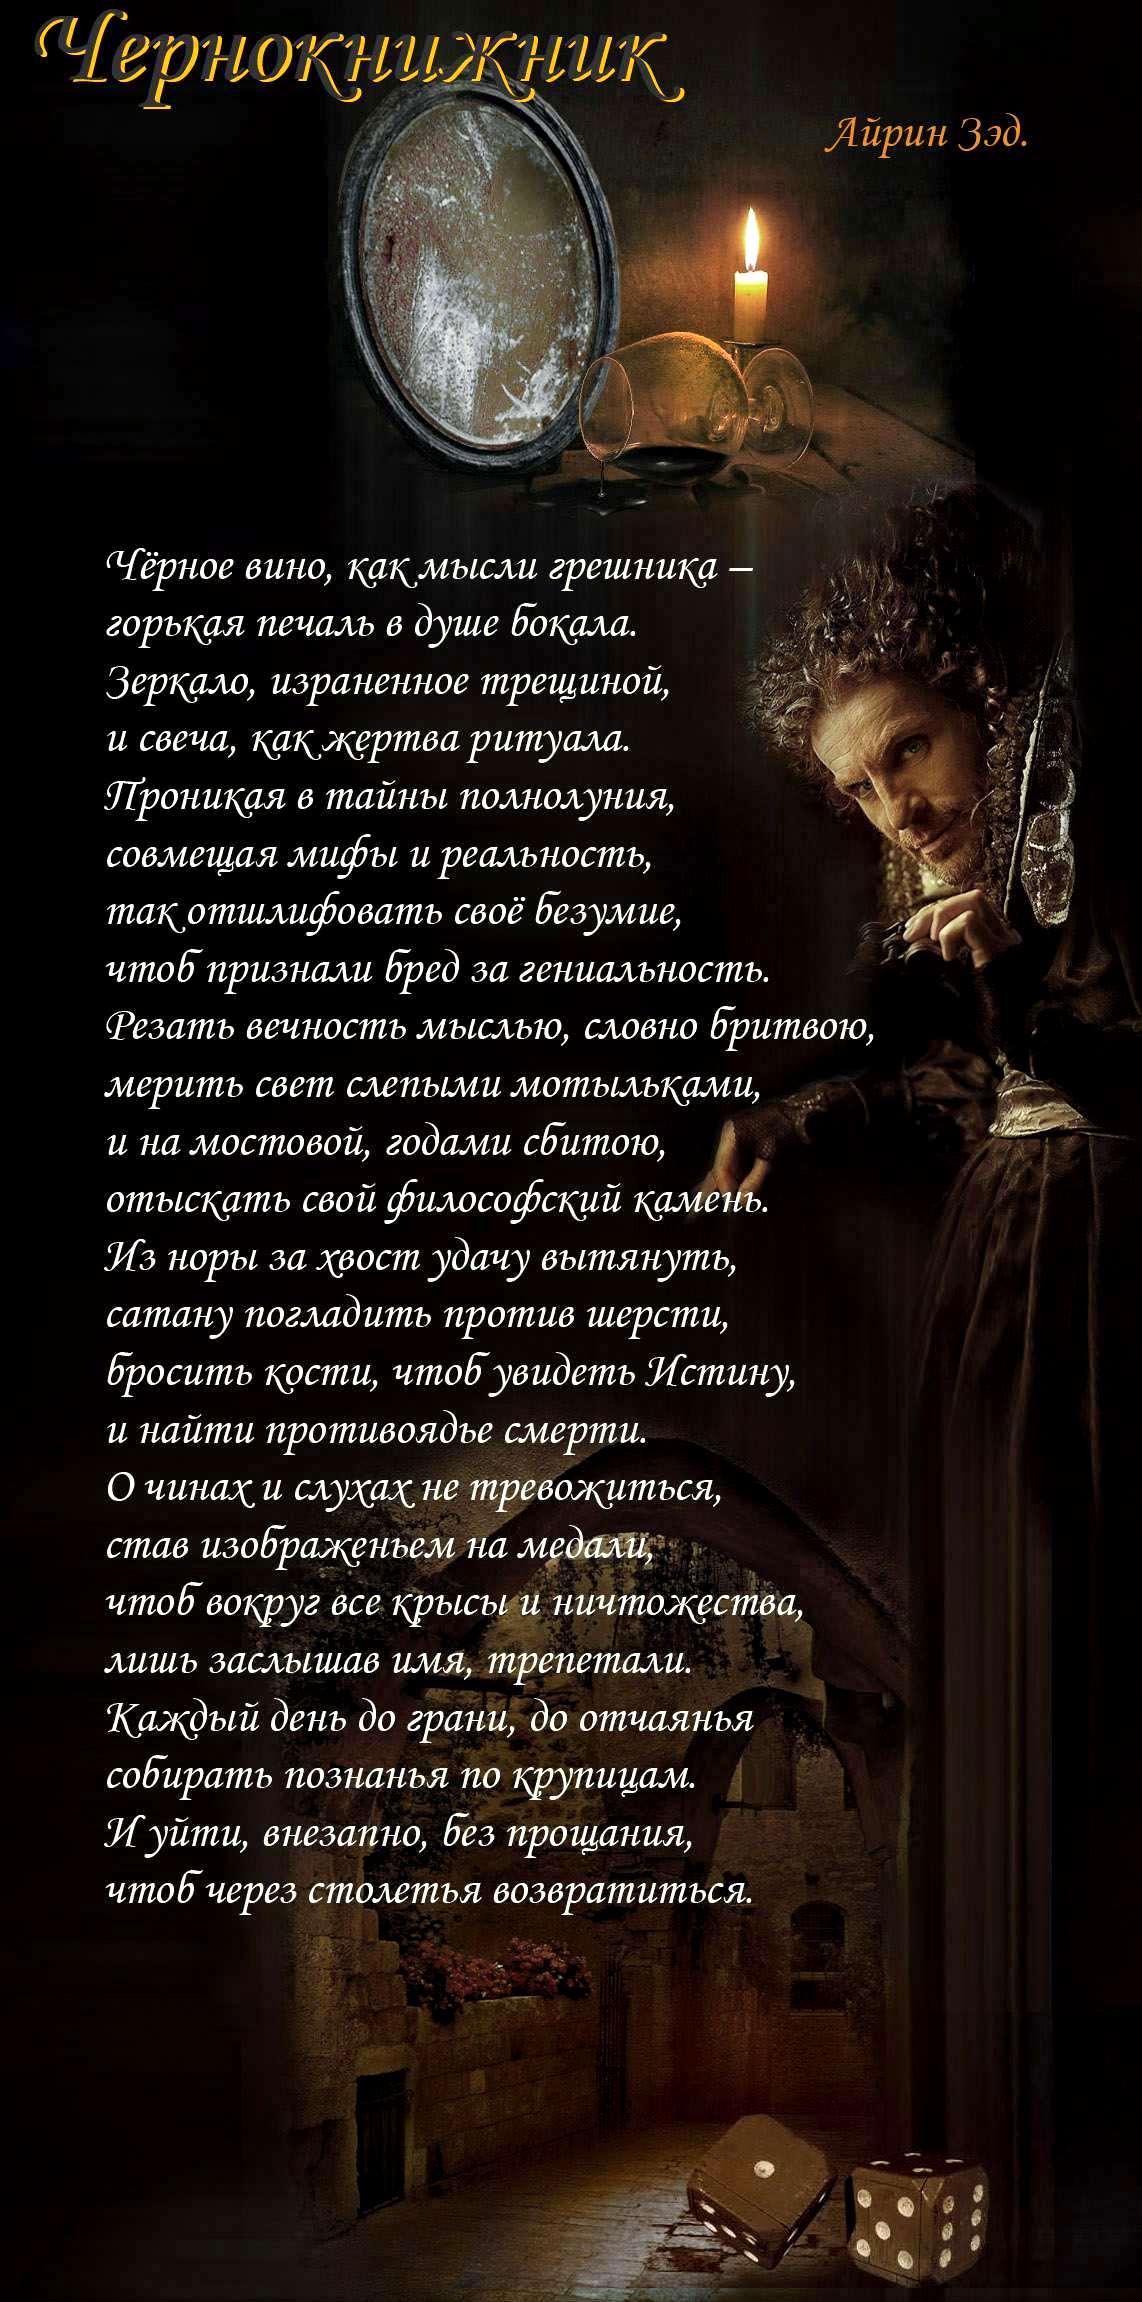 http://www.stihi.ru/pics/2008/07/30/4363.jpg